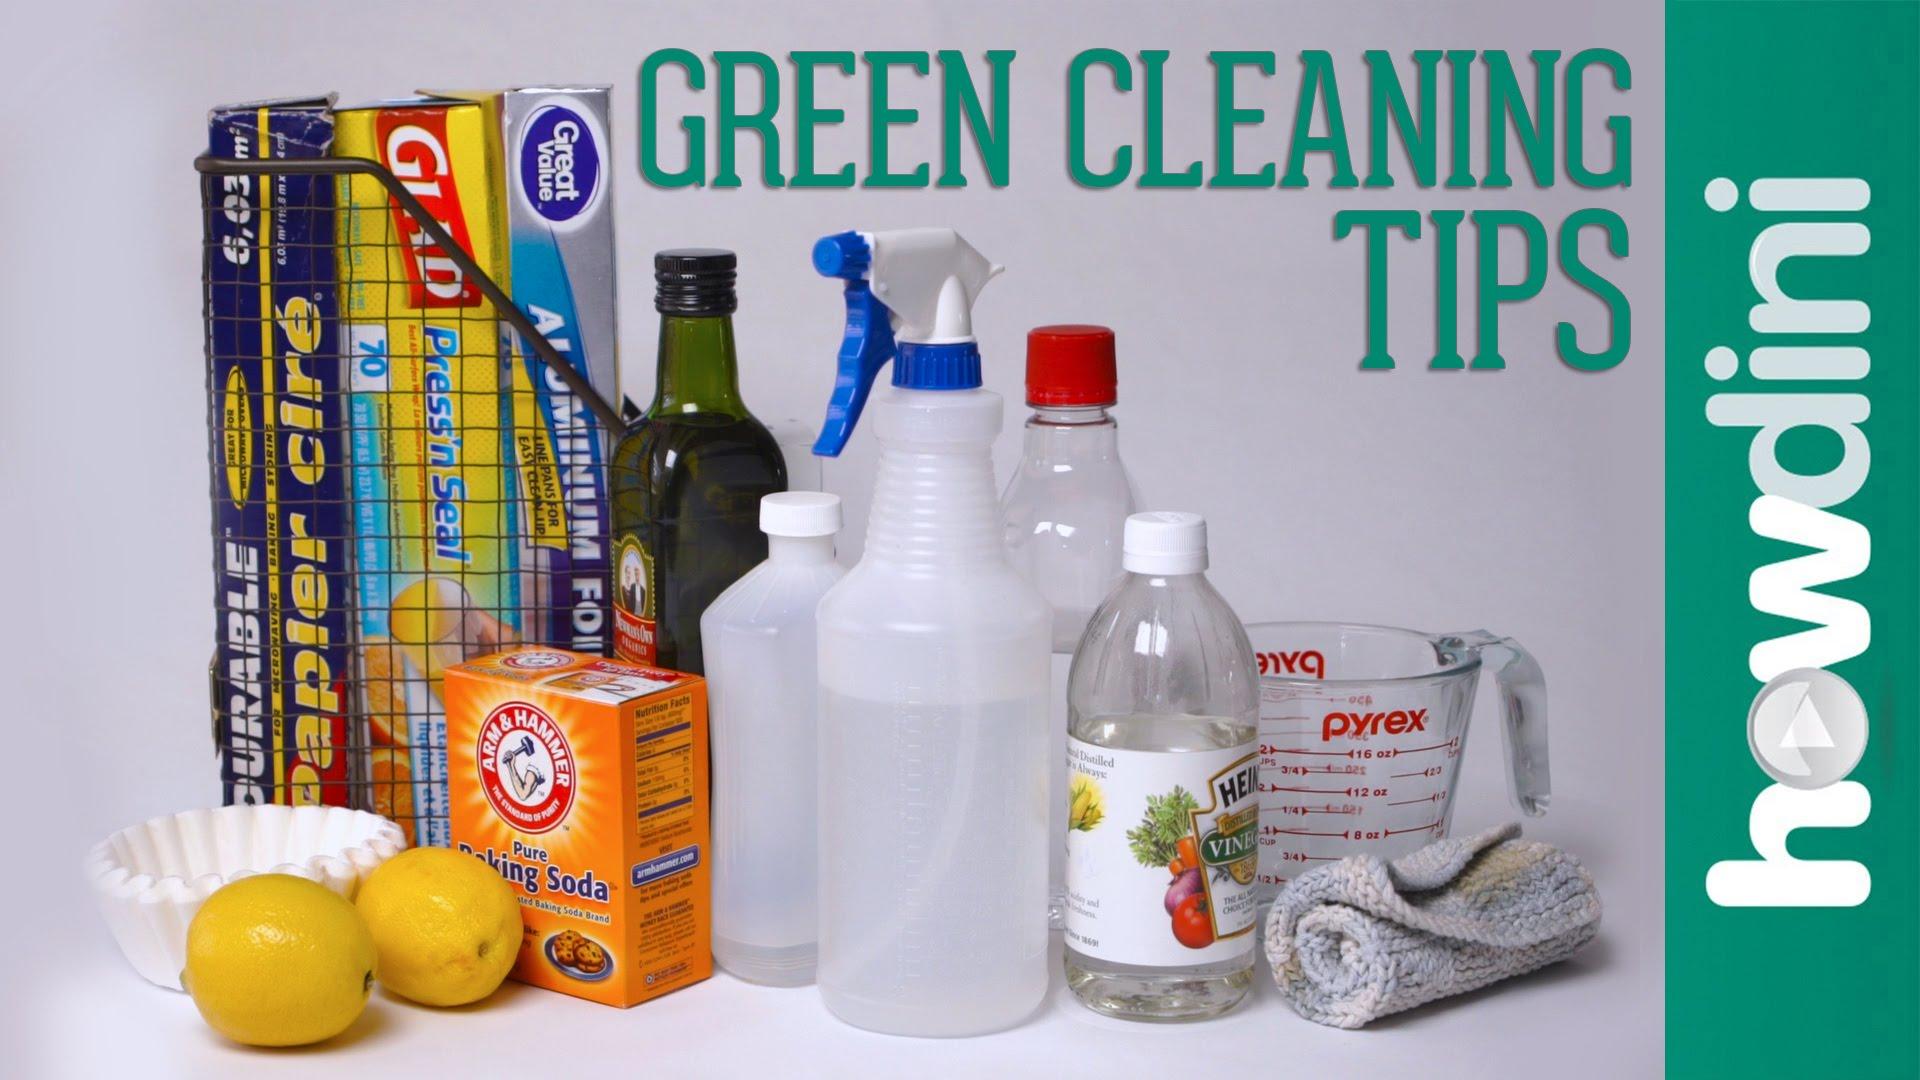 天然ㄟ尚好!大掃除必備的無毒清潔妙招